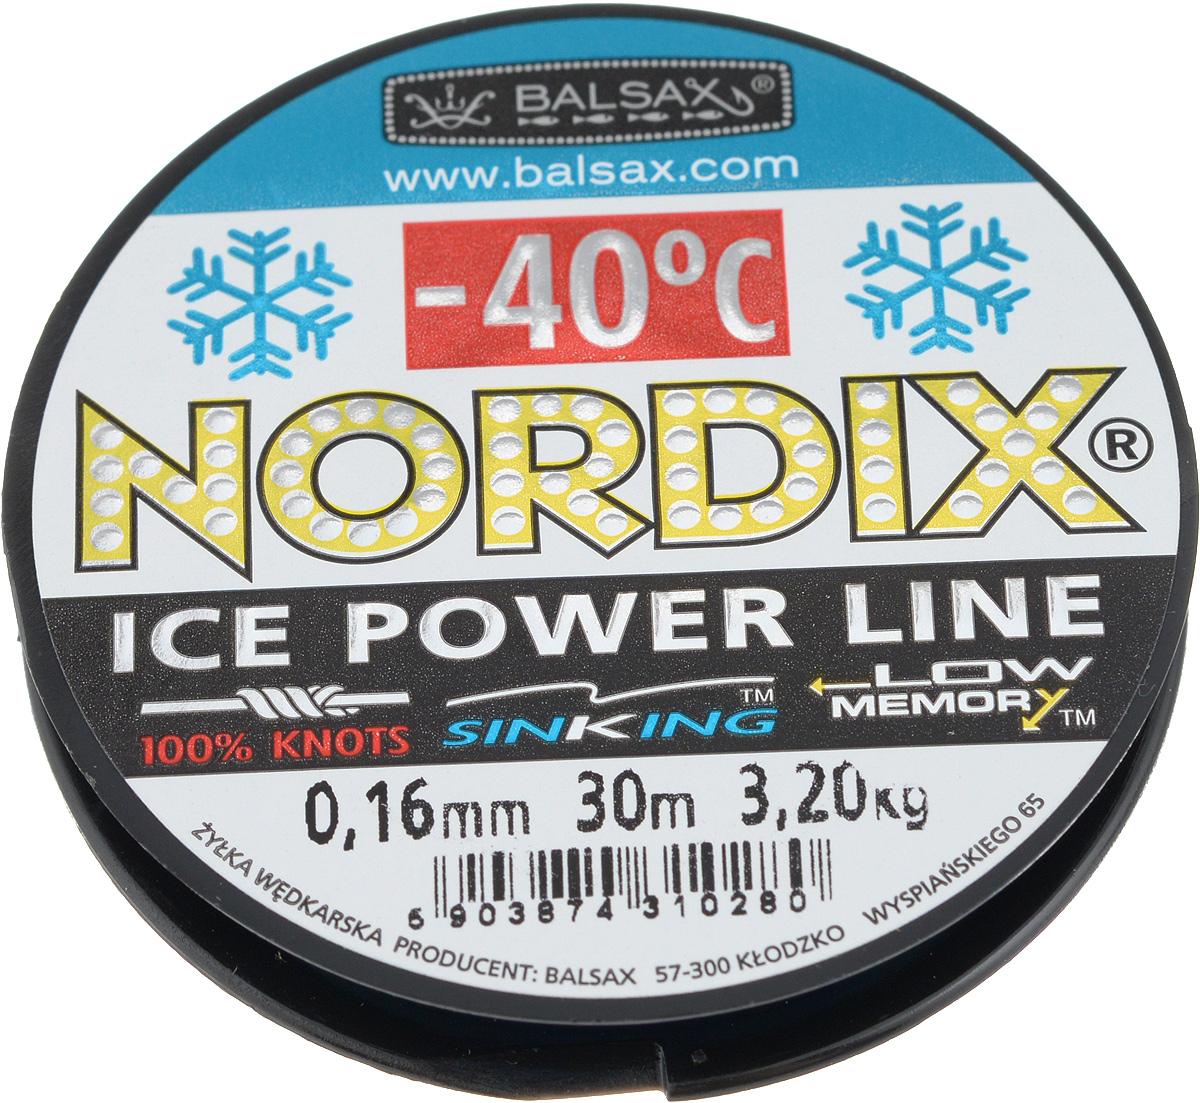 Леска зимняя Balsax Nordix, 30 м, 0,16 мм, 3,2 кг607-05004Леска Balsax Nordix изготовлена из 100% нейлона и очень хорошо выдерживает низкие температуры. Даже в самом холодном климате, при температуре вплоть до -40°C, она сохраняет свои свойства практически без изменений, в то время как традиционные лески становятся менее эластичными и теряют прочность.Поверхность лески обработана таким образом, что она не обмерзает и отлично подходит для подледного лова. Прочна в местах вязки узлов даже при минимальном диаметре.